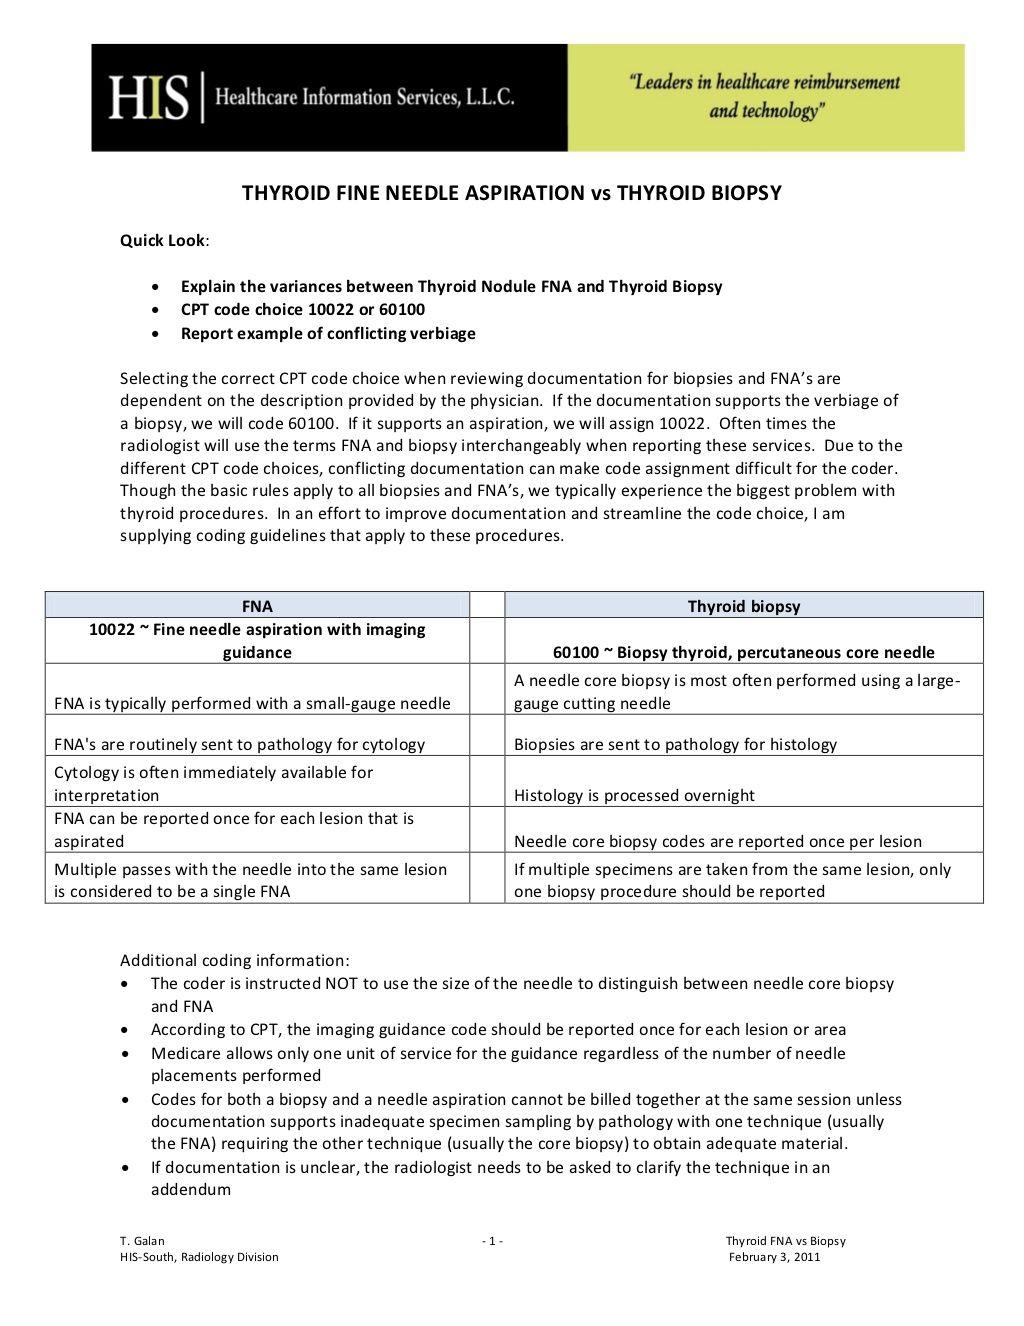 Thyroid Fine Needle Aspiration Vs Thyroid Biopsy 8451581 By